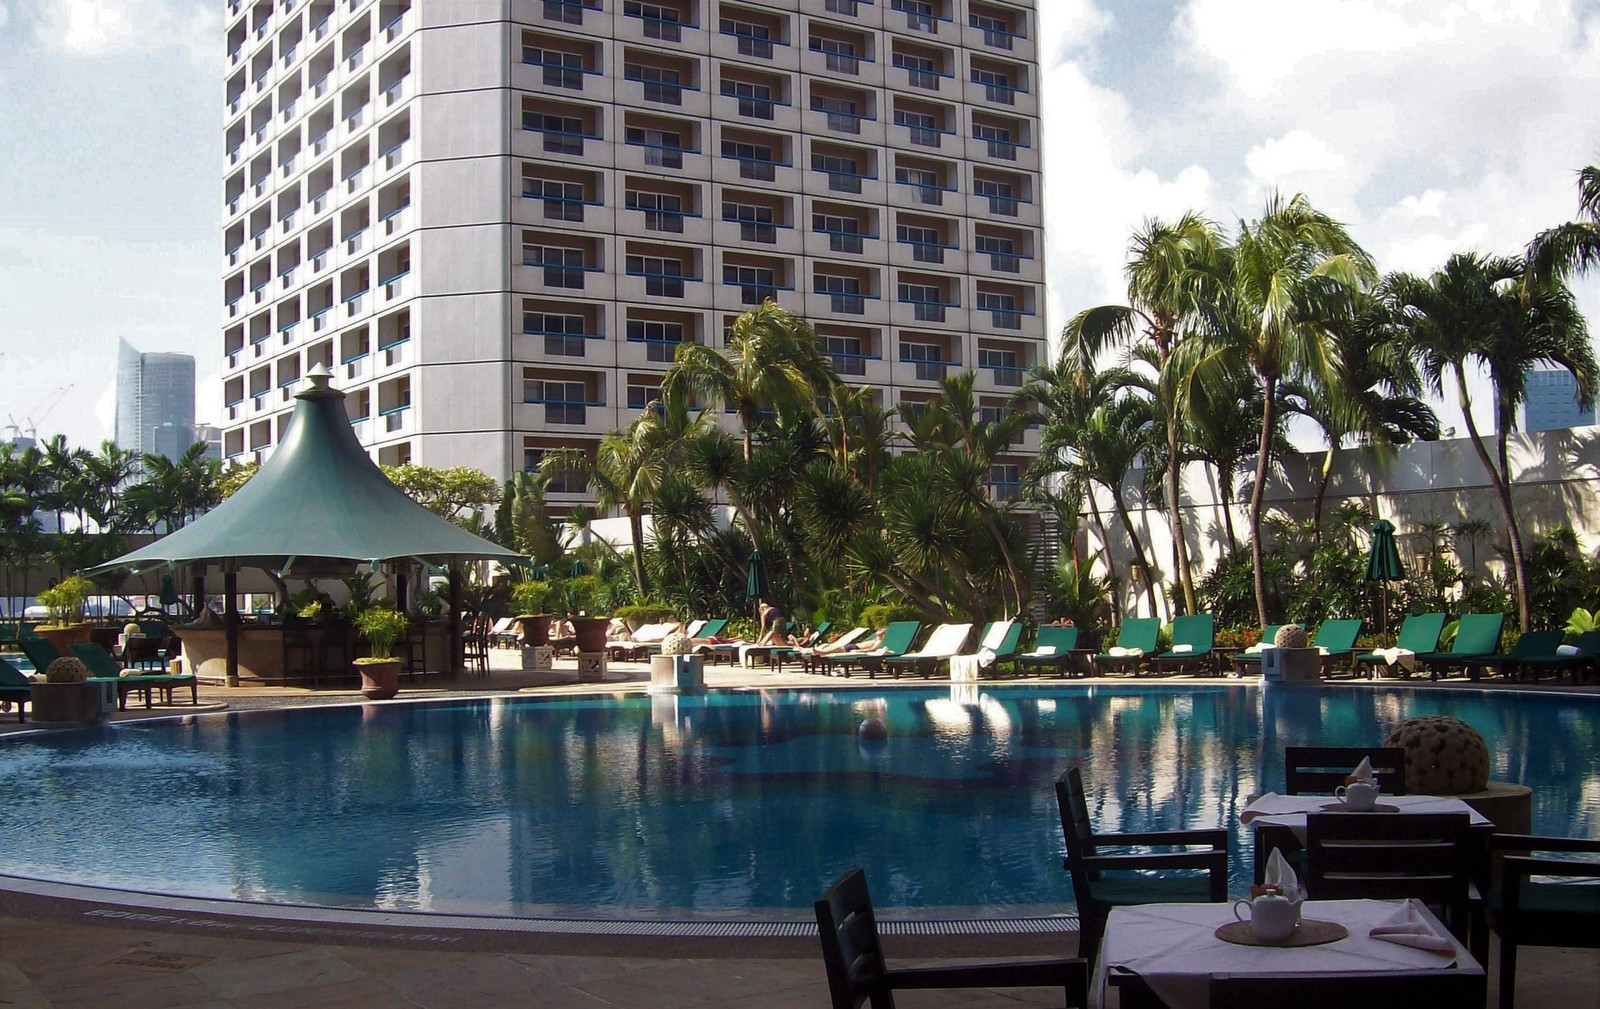 Fairmont Hotel Pool - Singapur